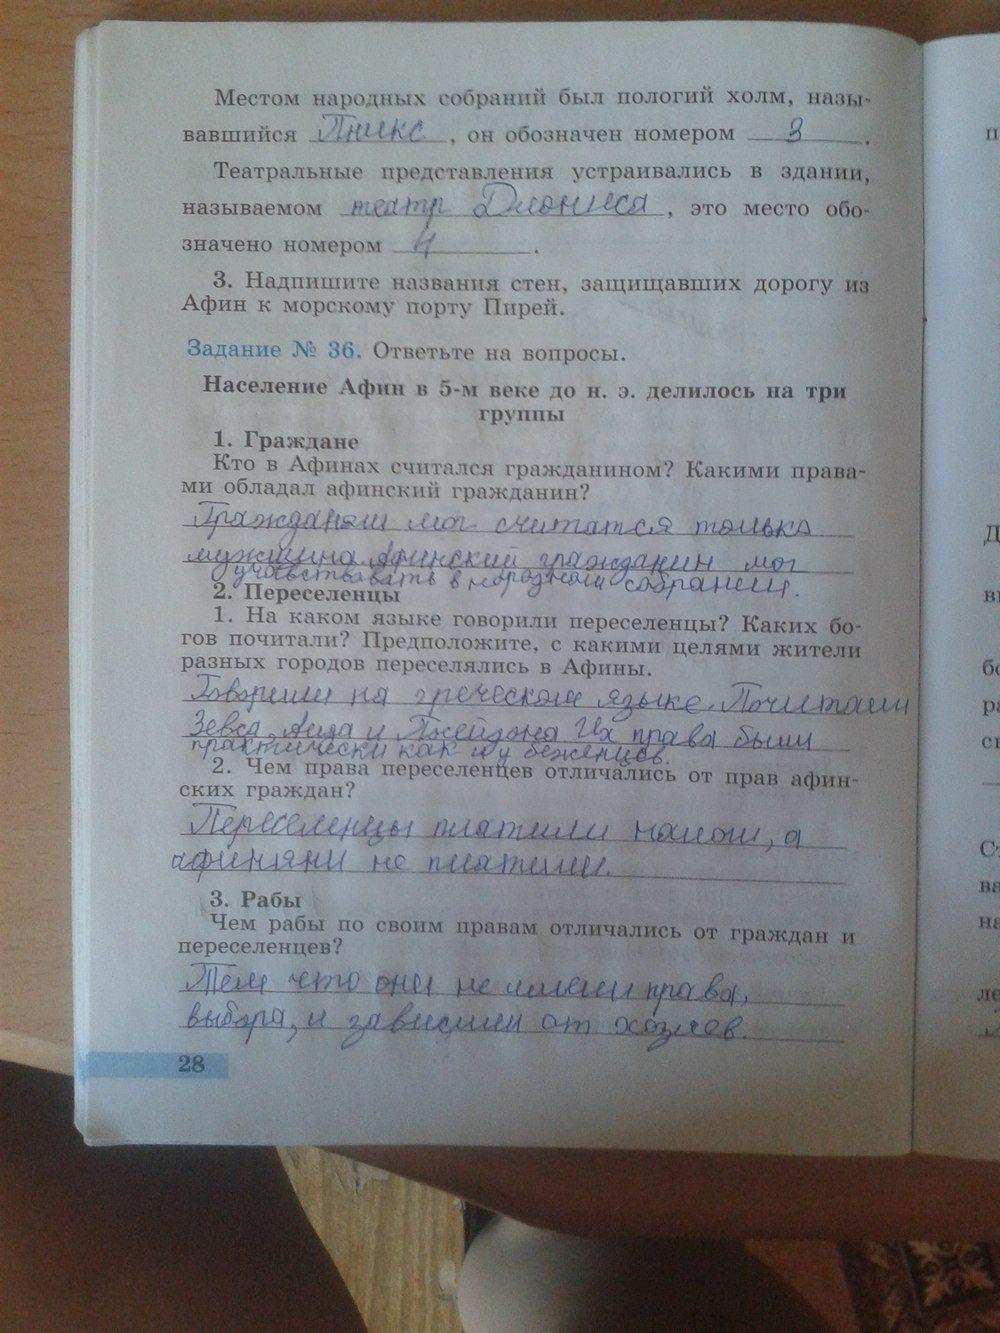 Онлайн ответы на тесты по русскому языку 7 класса книгина.м.п